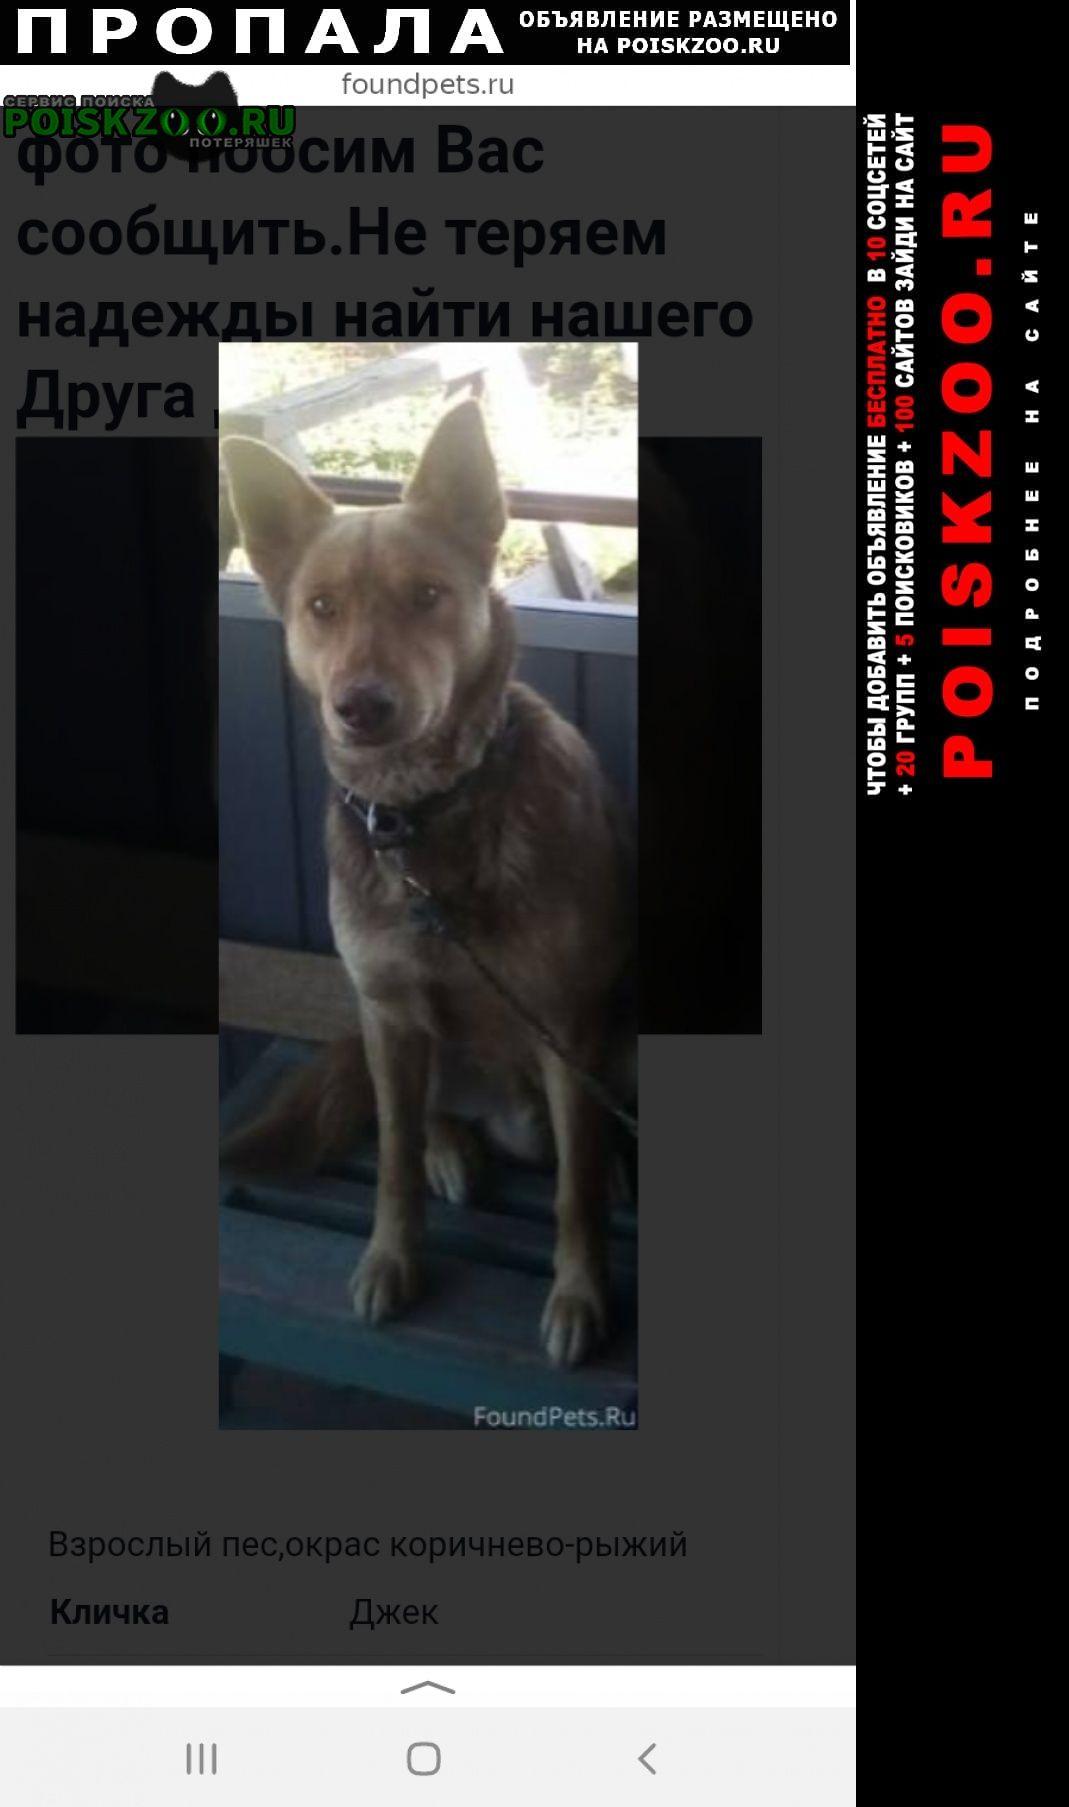 Пропала собака помогите найти друга Ахтубинск